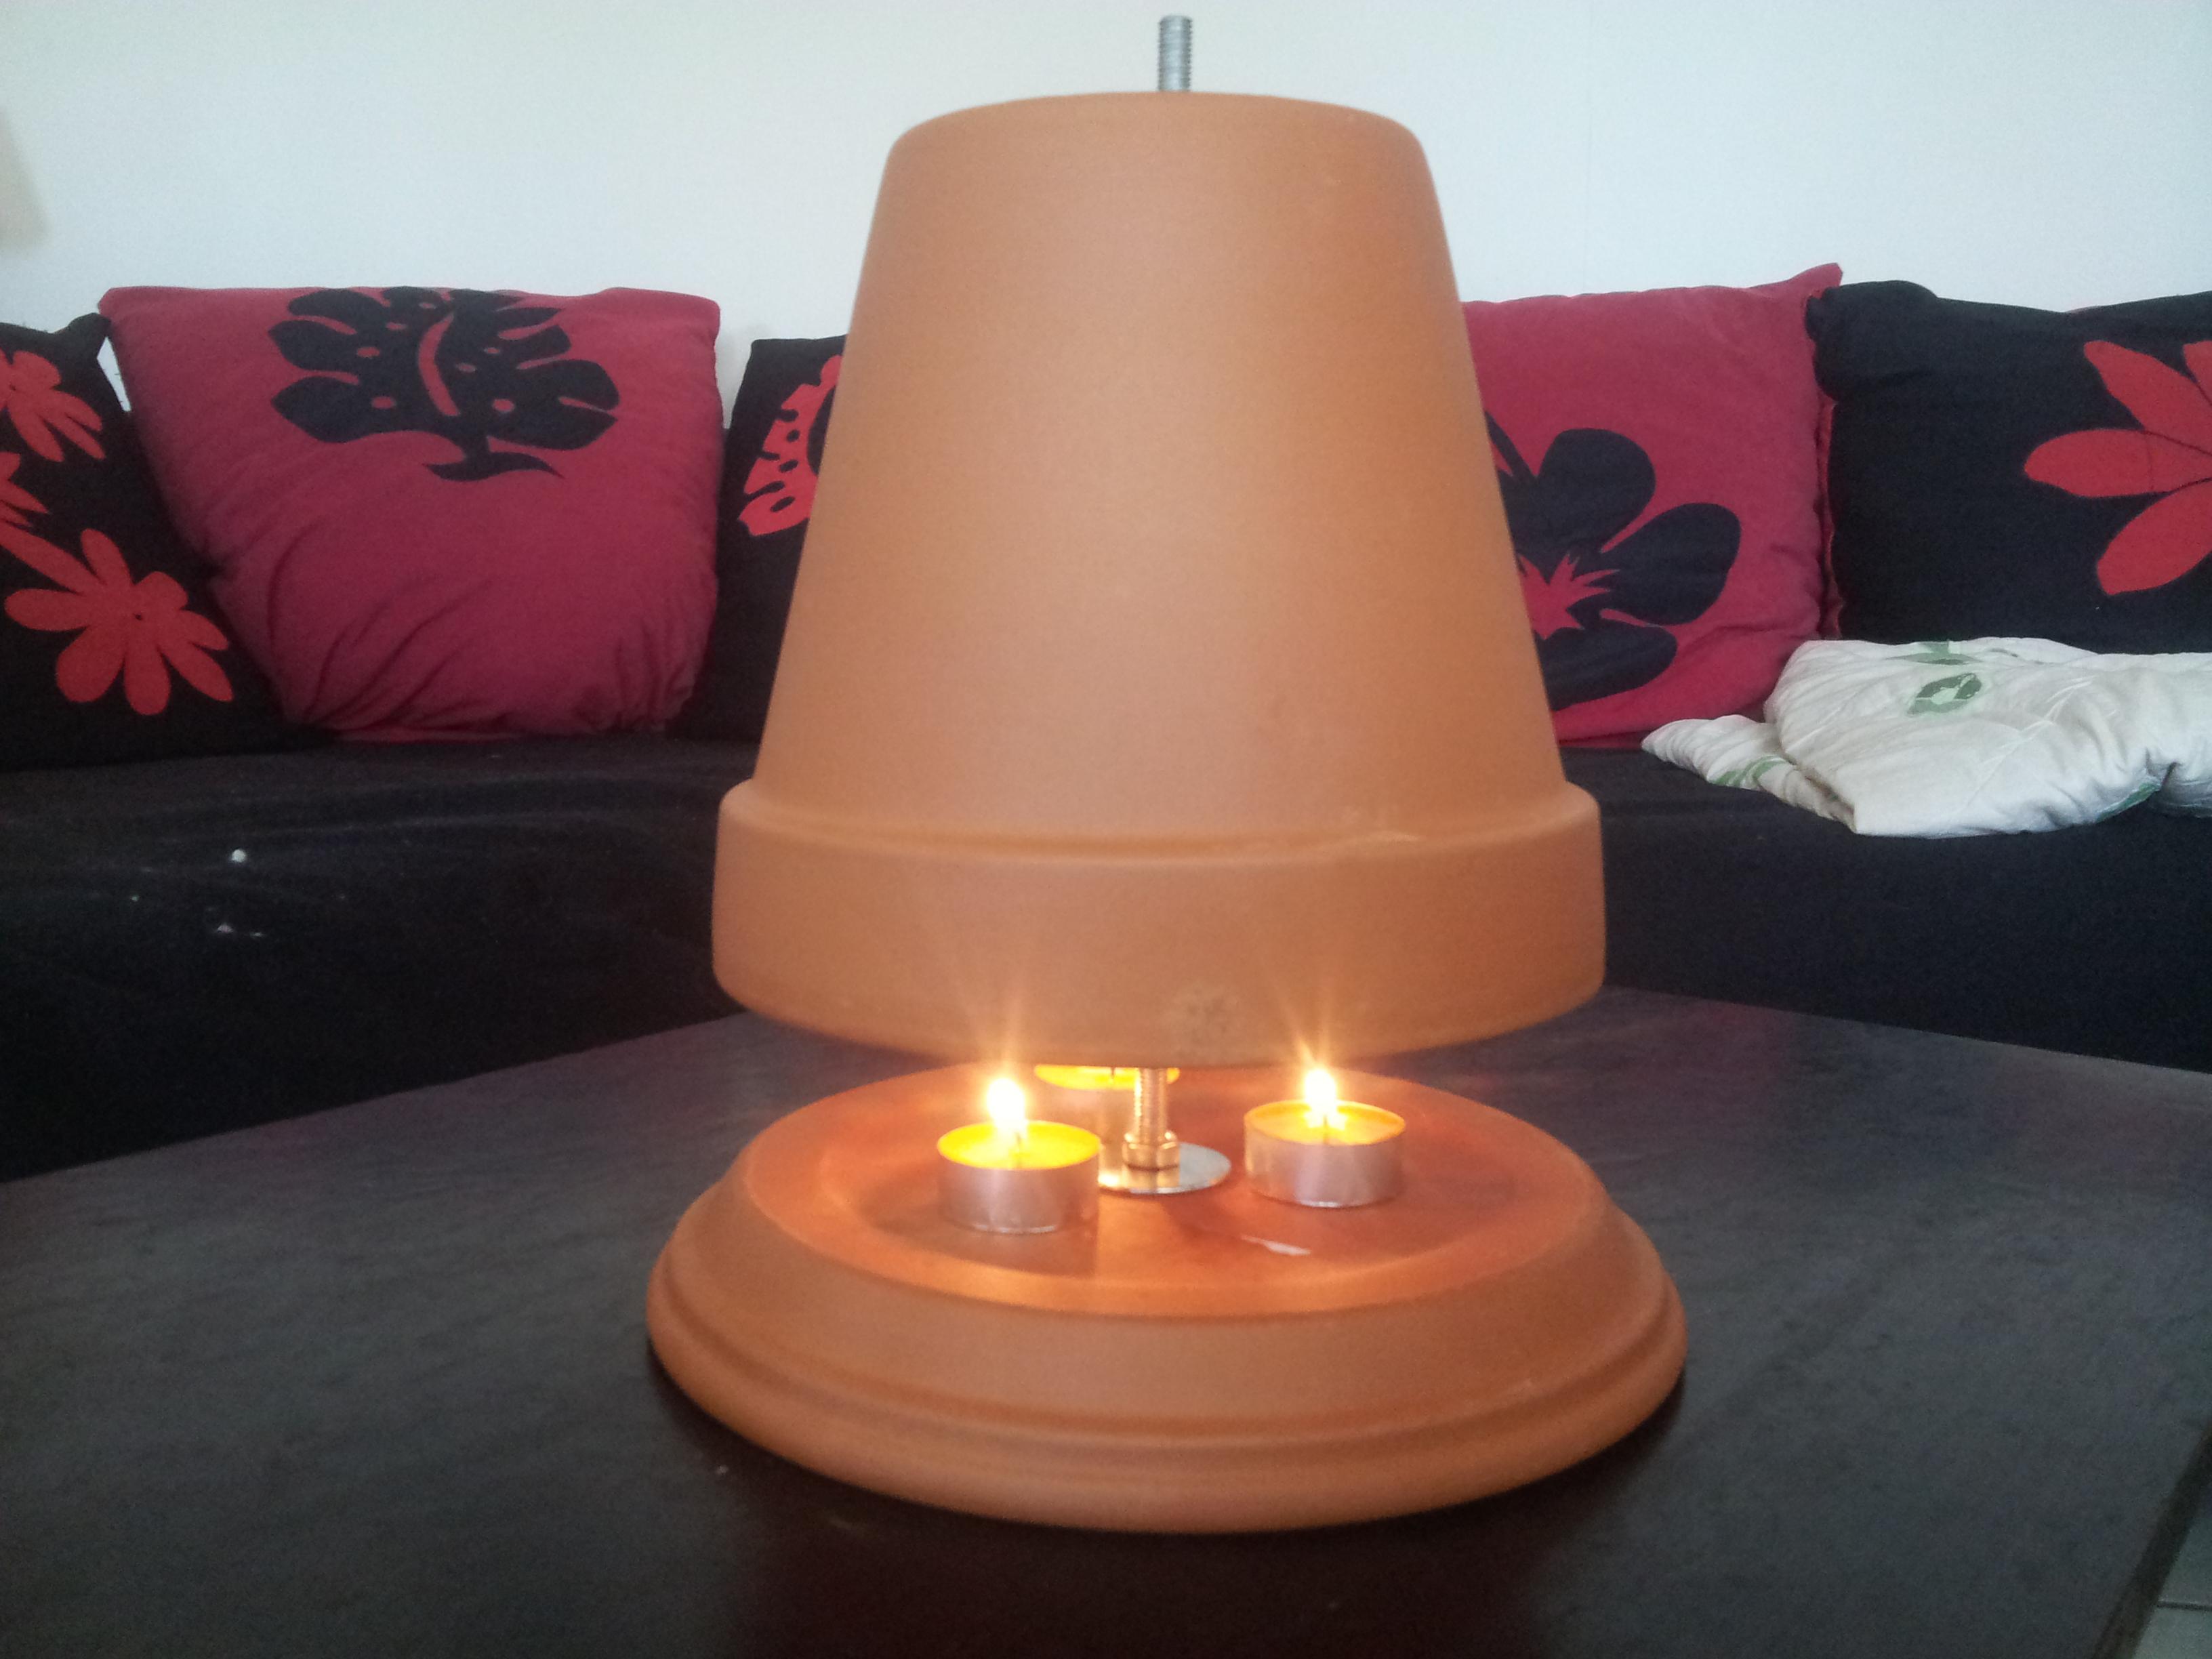 chauffage r alis avec des pot en terre cuite gratuit. Black Bedroom Furniture Sets. Home Design Ideas